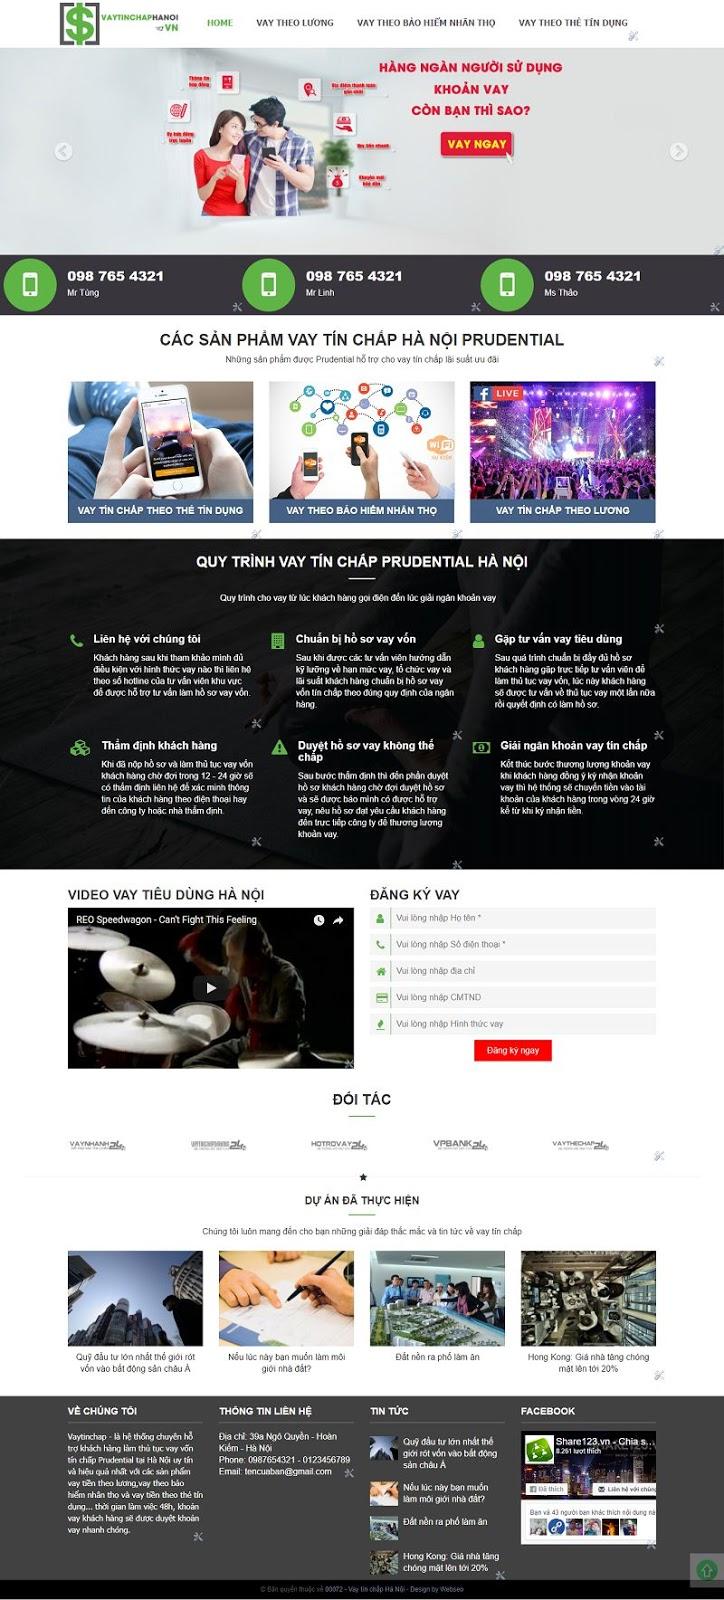 Mẫu template blogspot giới thiệu dịch vụ sản phẩm 2018 đẹp, chuẩn seo 72